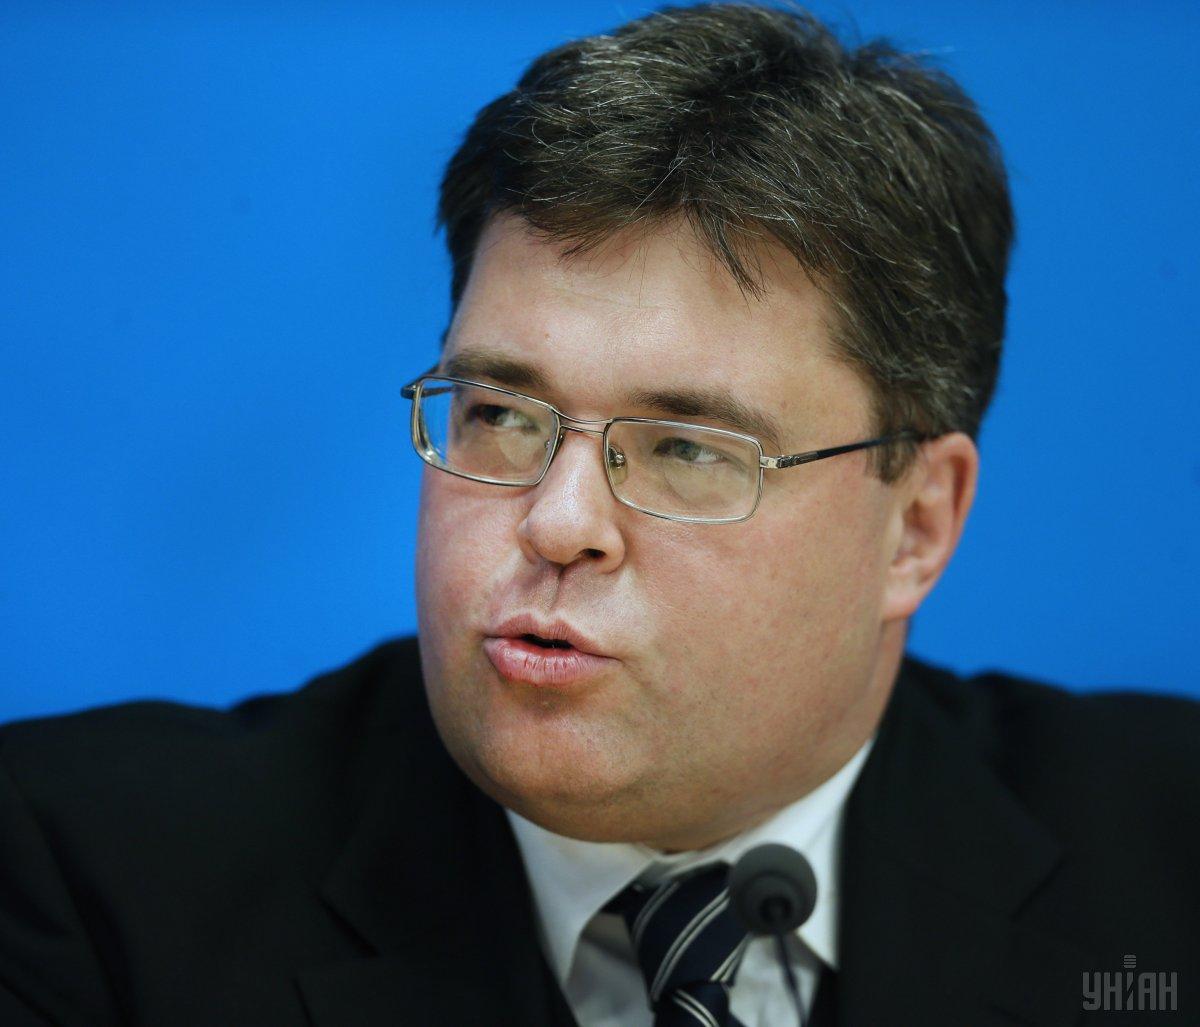 Харченко:   Украина обязана сделать все возможное, чтобы Европарламентом и Еврокомиссией было принято решение о применении к «Северному потоку-2» Третьего энергопакета / Фото УНИАН